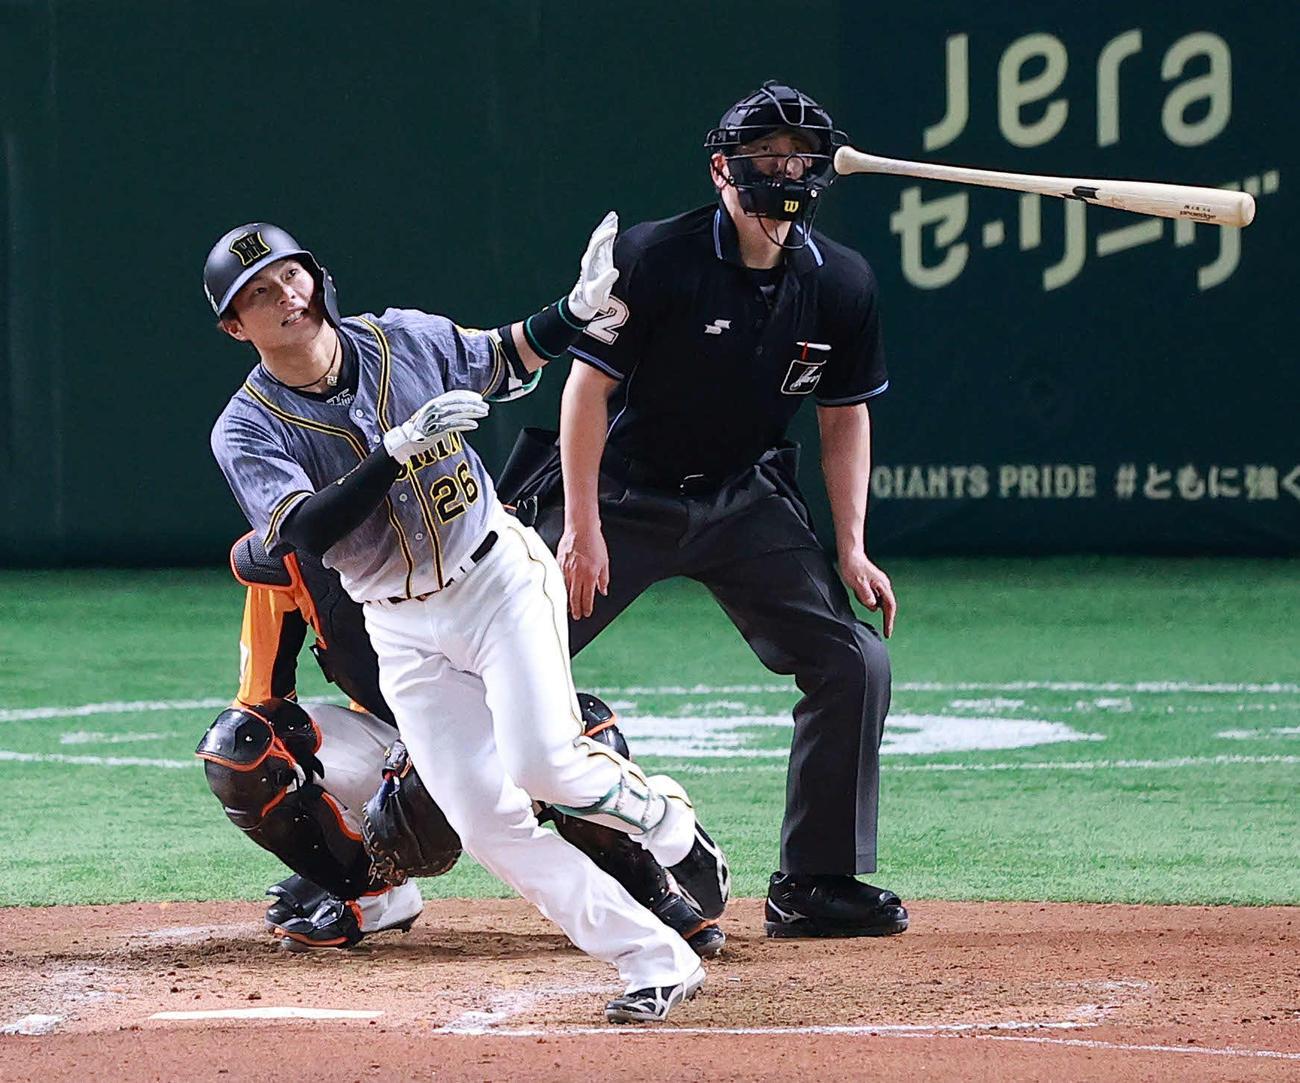 巨人対阪神 6回表阪神2死一塁、北條は左越え2点本塁打を放つ。投手高橋(撮影・浅見桂子)